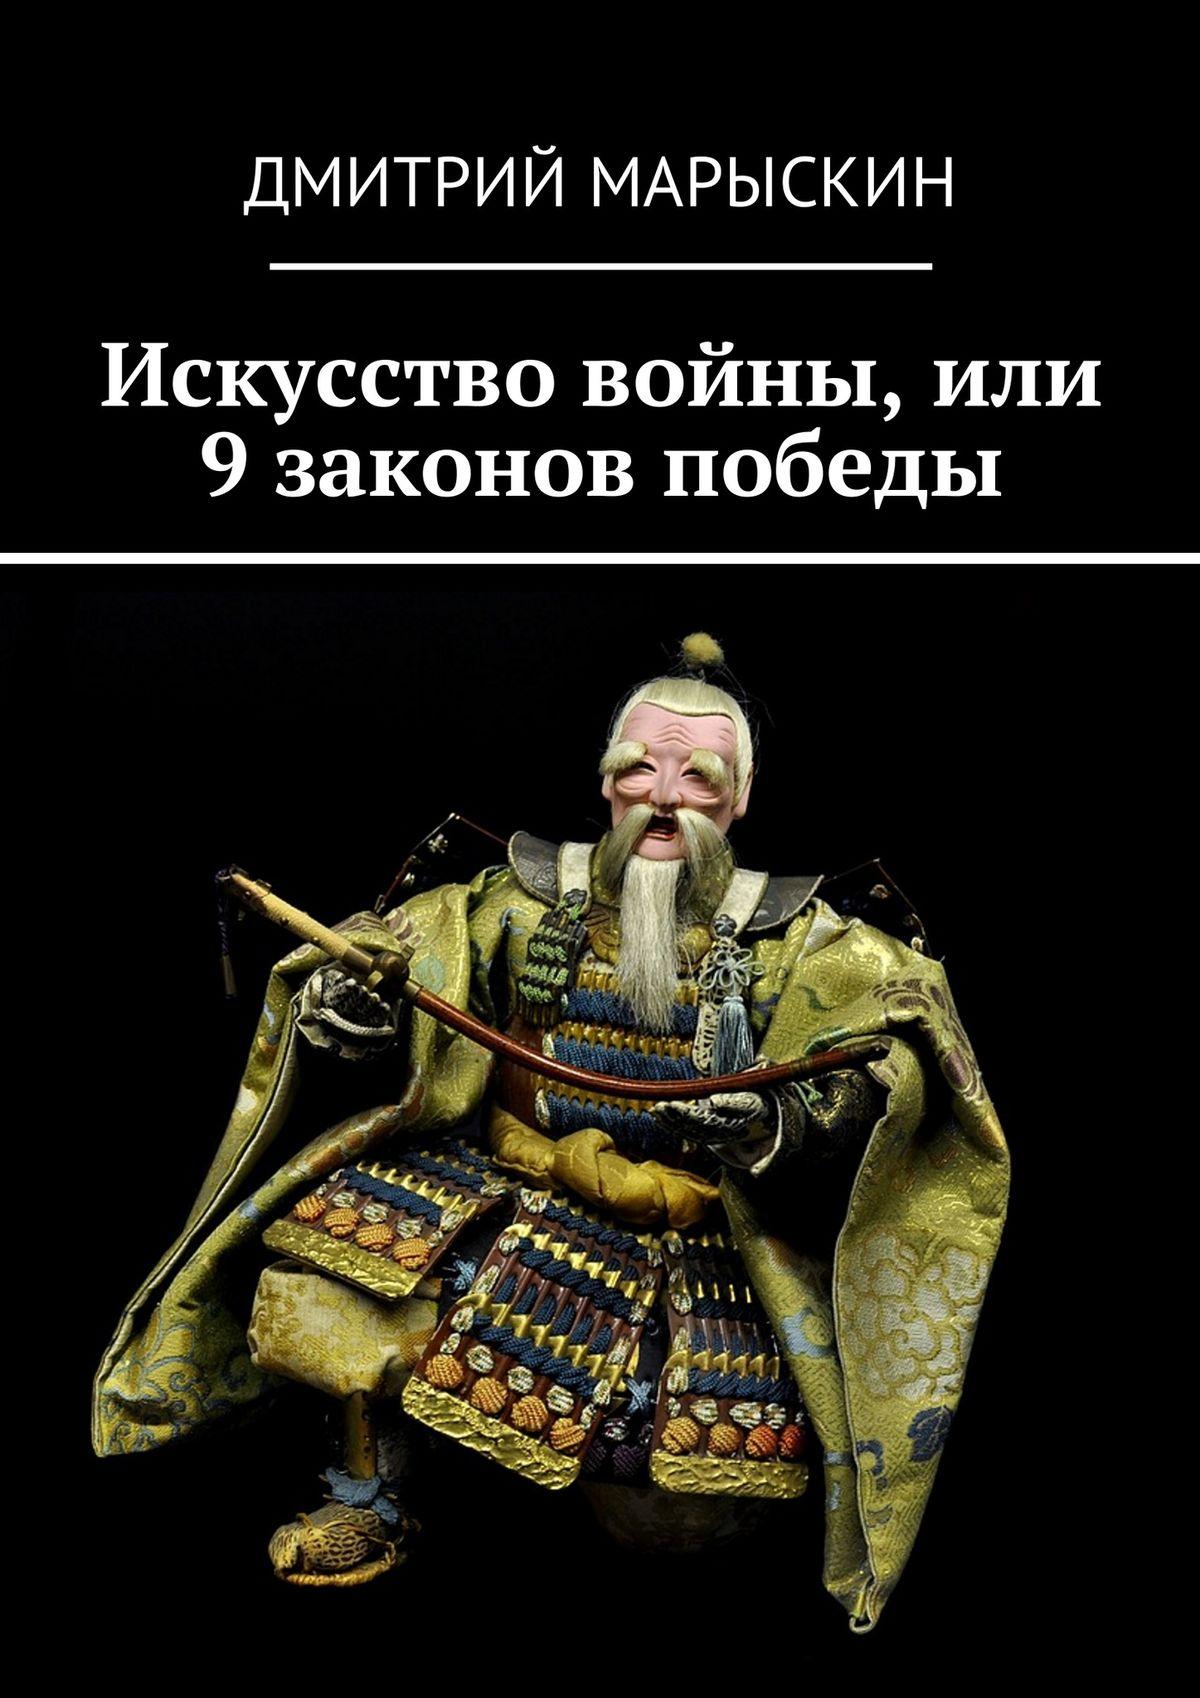 Дмитрий Марыскин Искусство войны, или 9законов победы дмитрий марыскин искусство войны